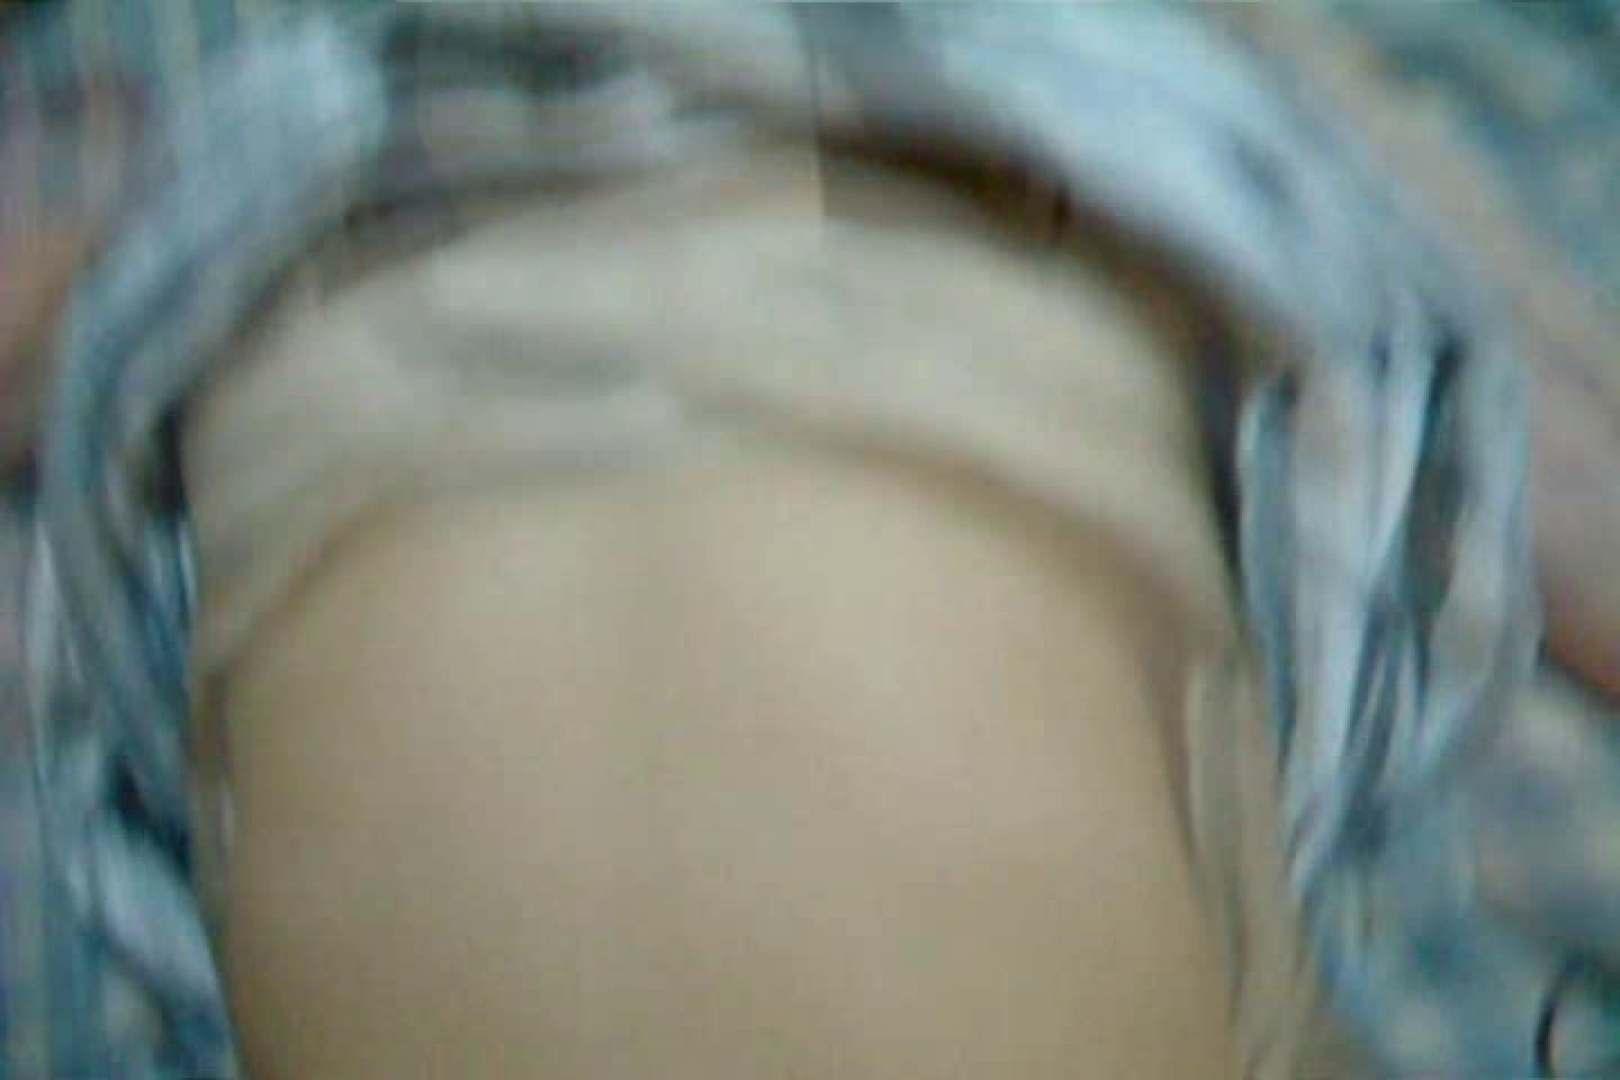 ウイルス流出 鹿児島県庁職員 中瀬瀬久成の流出ビデオ マンコ特別編 エロ画像 69枚 3